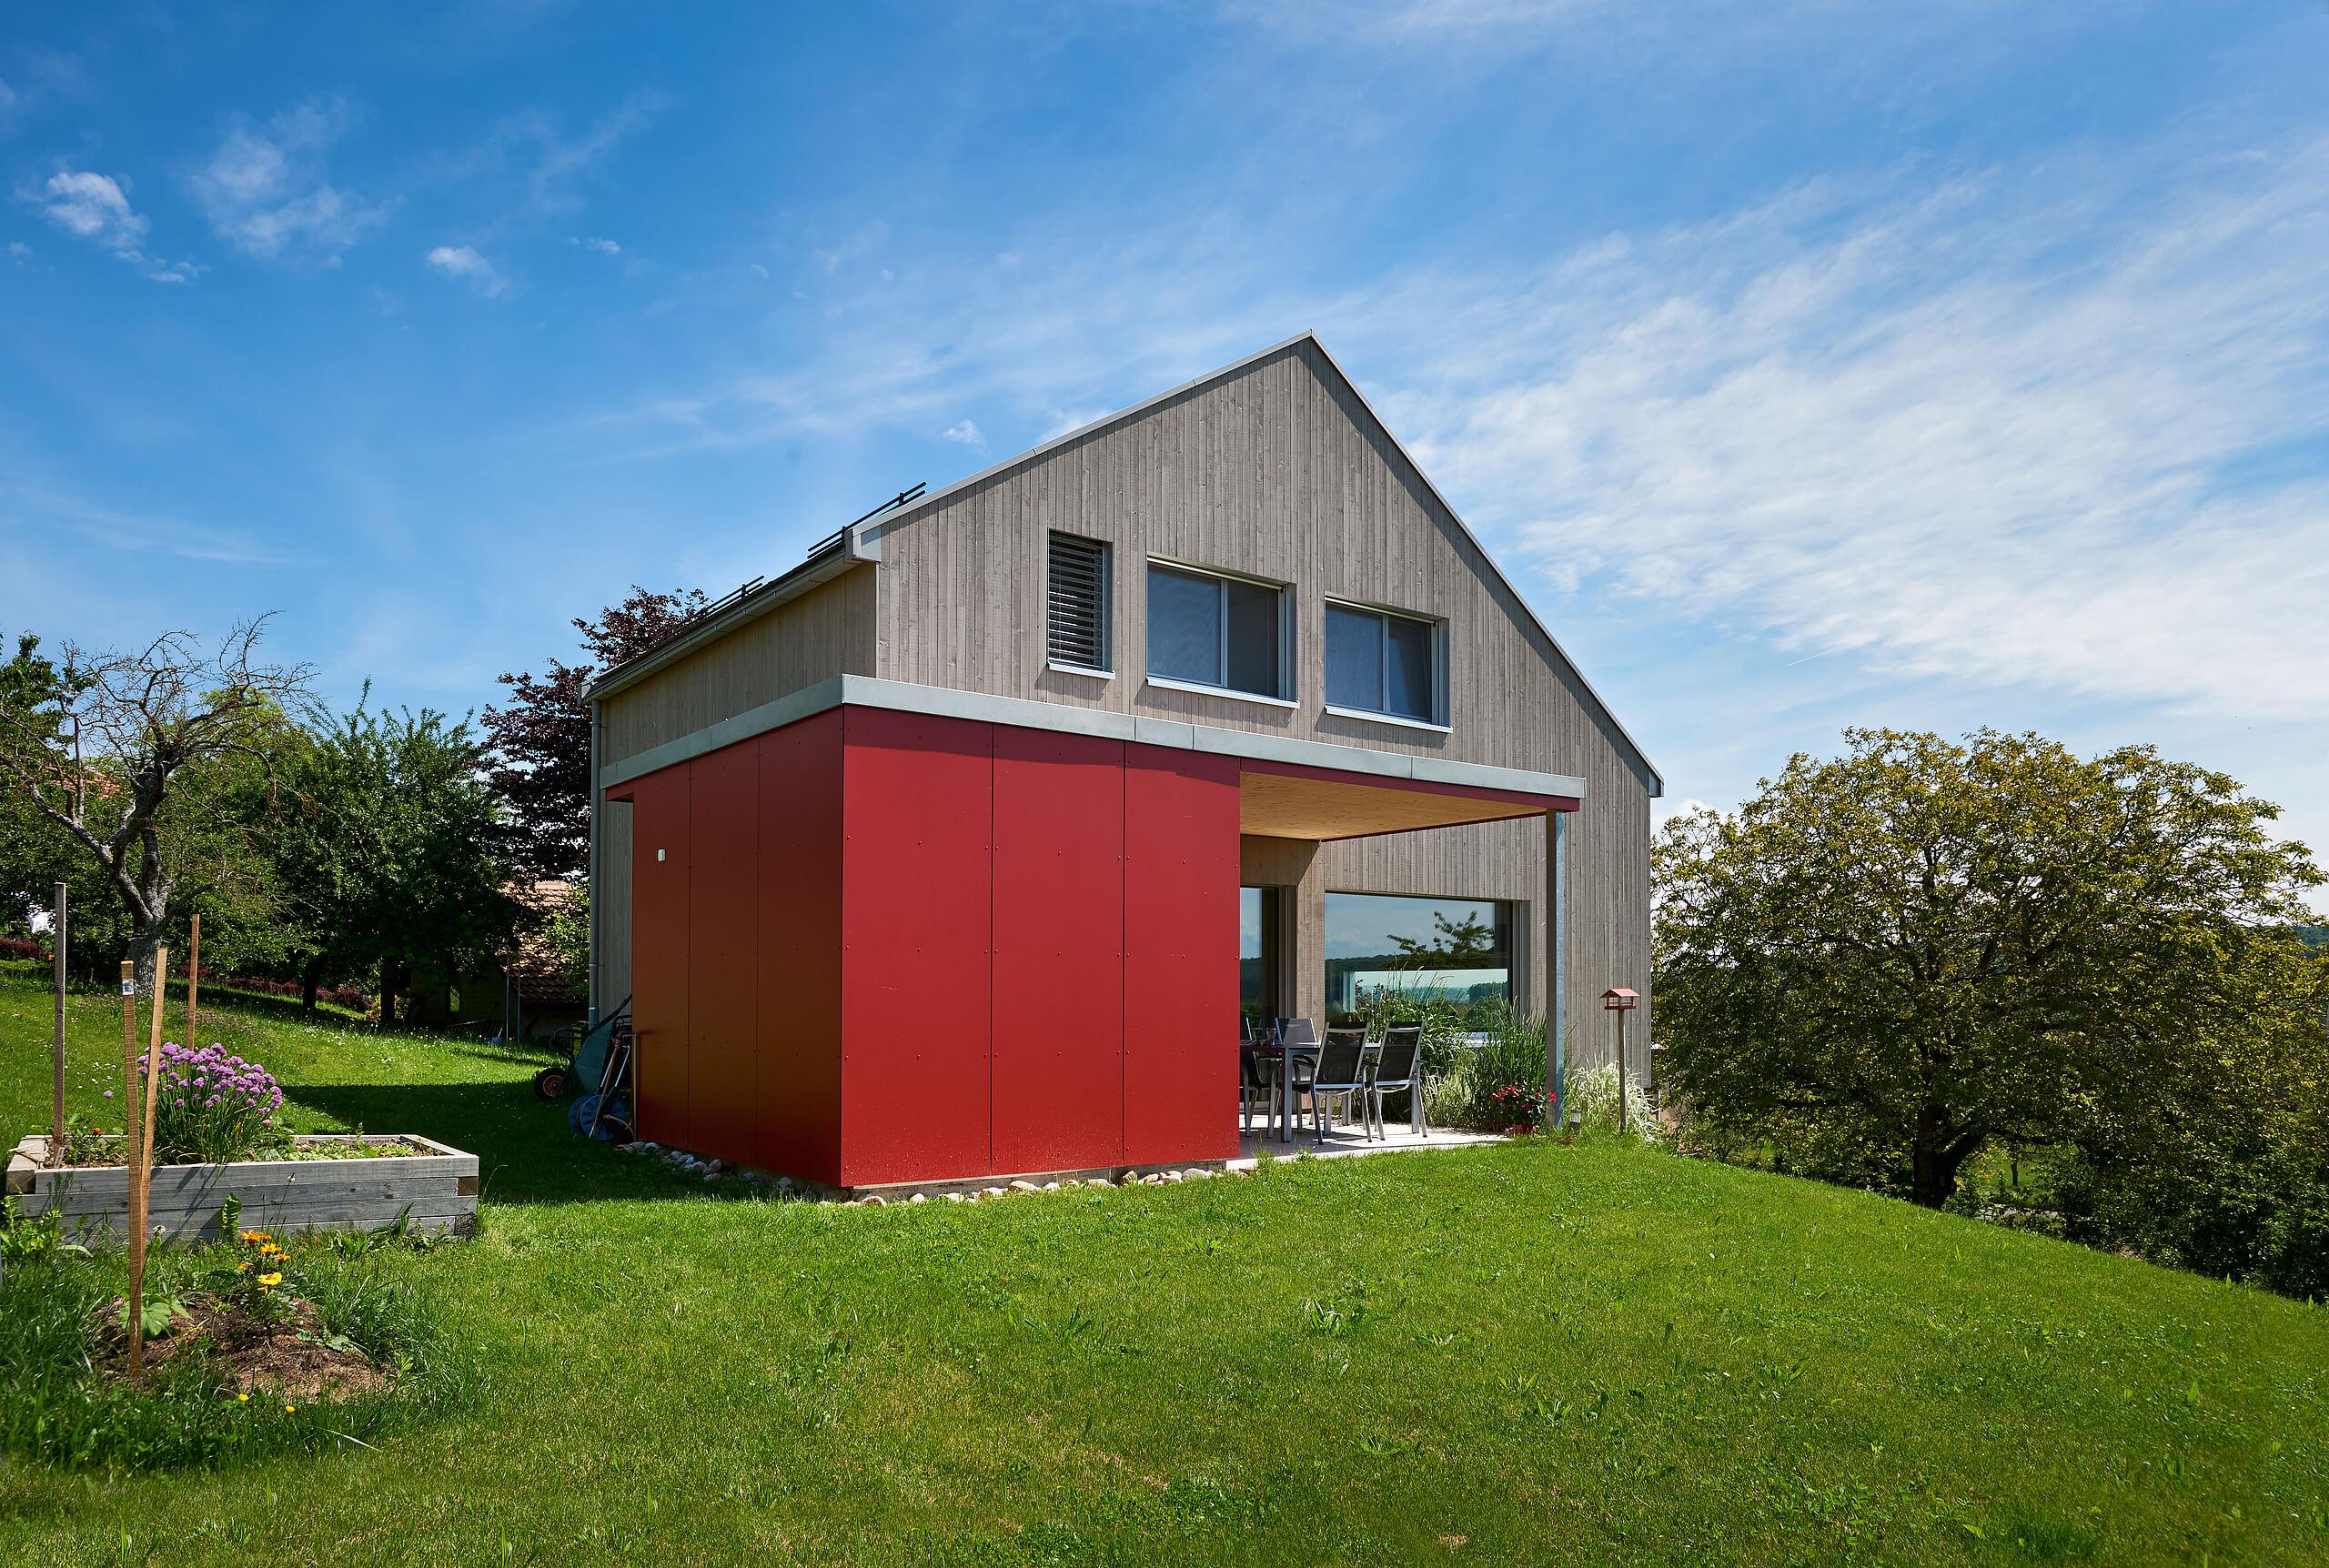 Maison Bois Architecte Pas Cher maison passive - lutz architectes